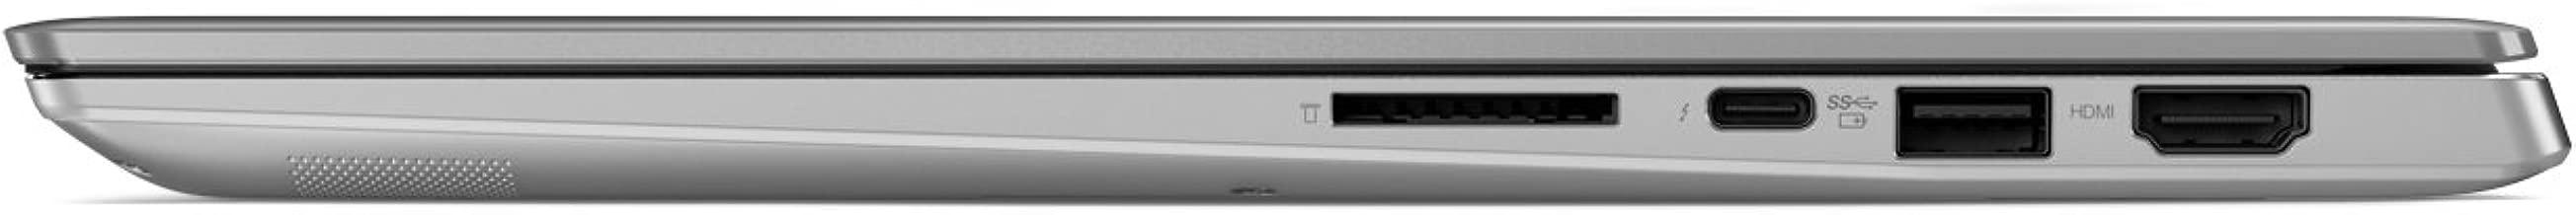 Lenovo Ideapad 720S, 14